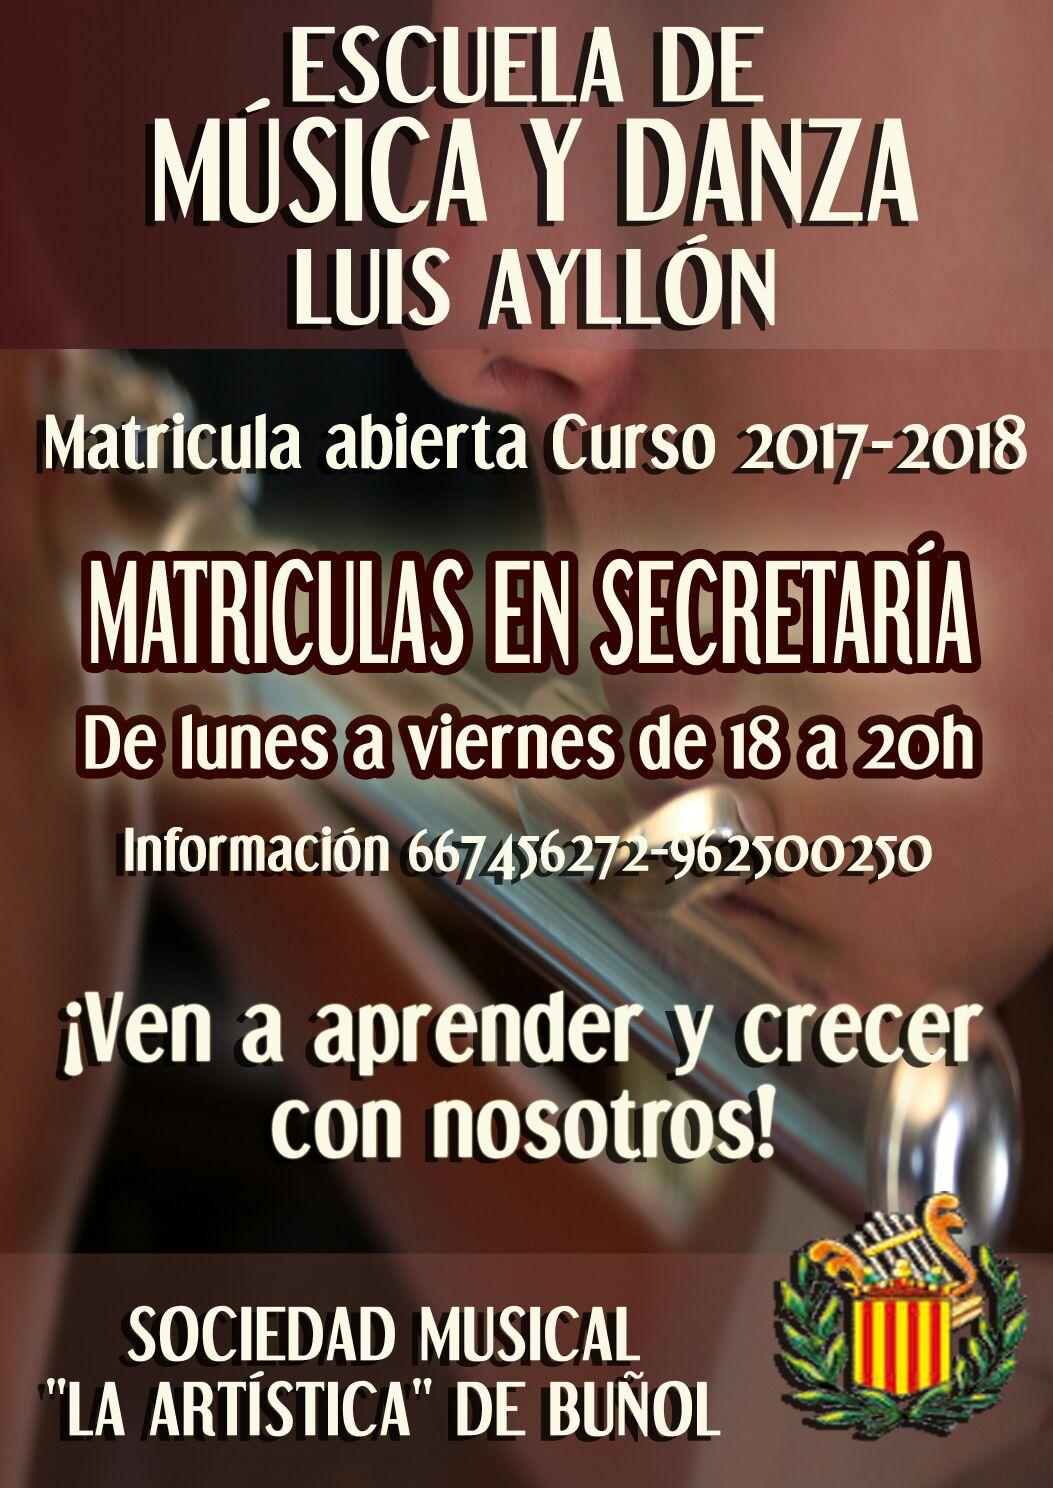 Cartel de la Escuela de Música Luis Ayllón de «La Artística» de Buñol.